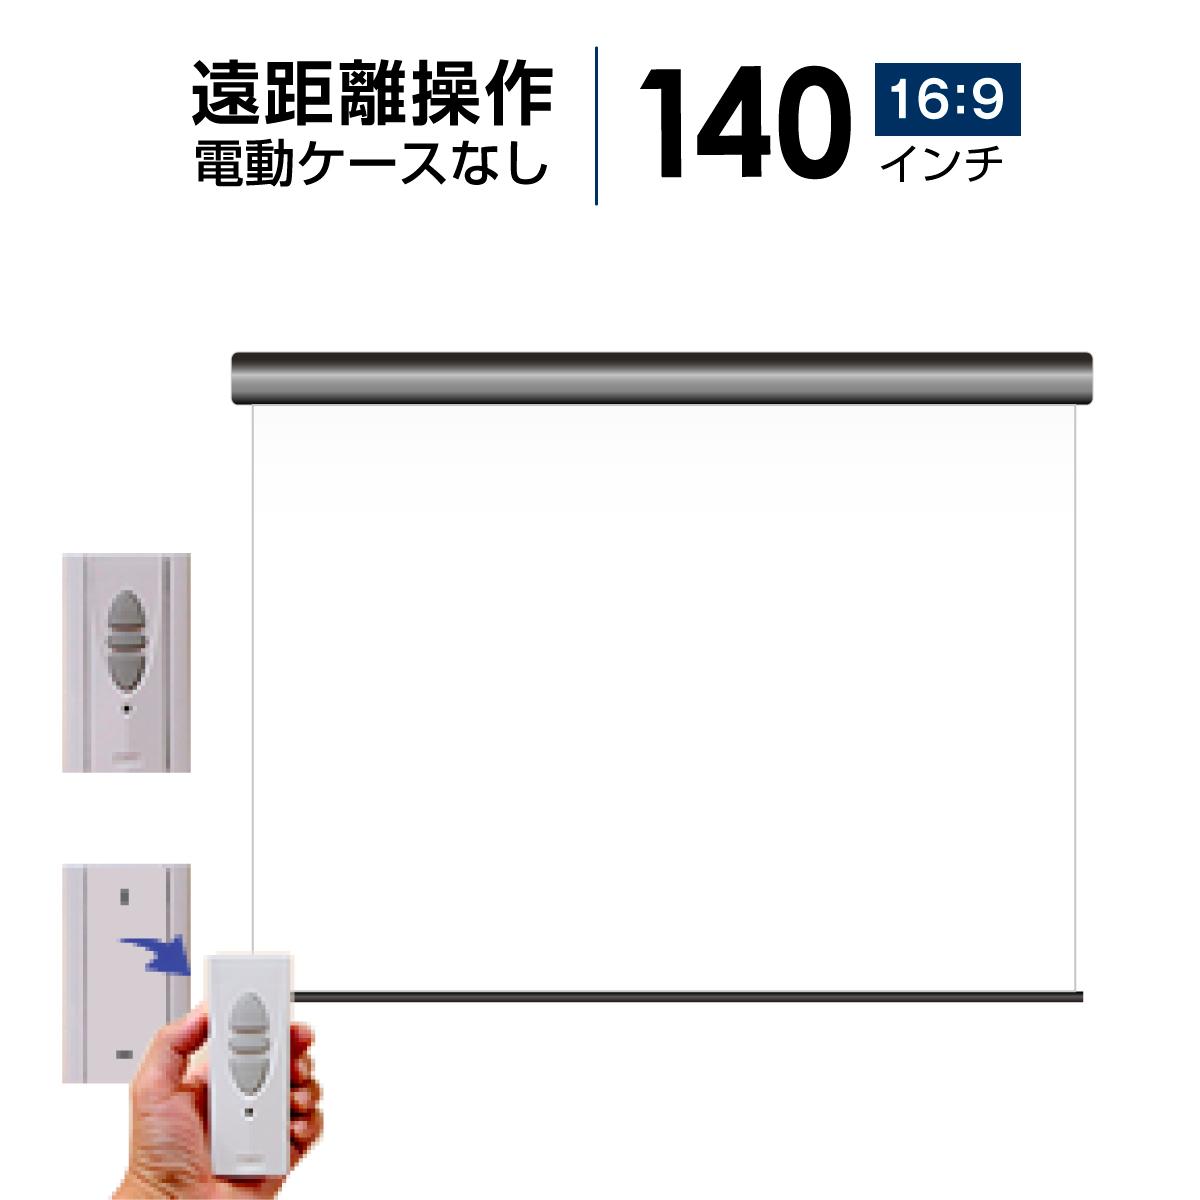 プロジェクタースクリーン 【業界初!!10年保証/送料無料】 長距離操作 電動スクリーン 140インチ (16:9) マスクフリー WRF3100FEH